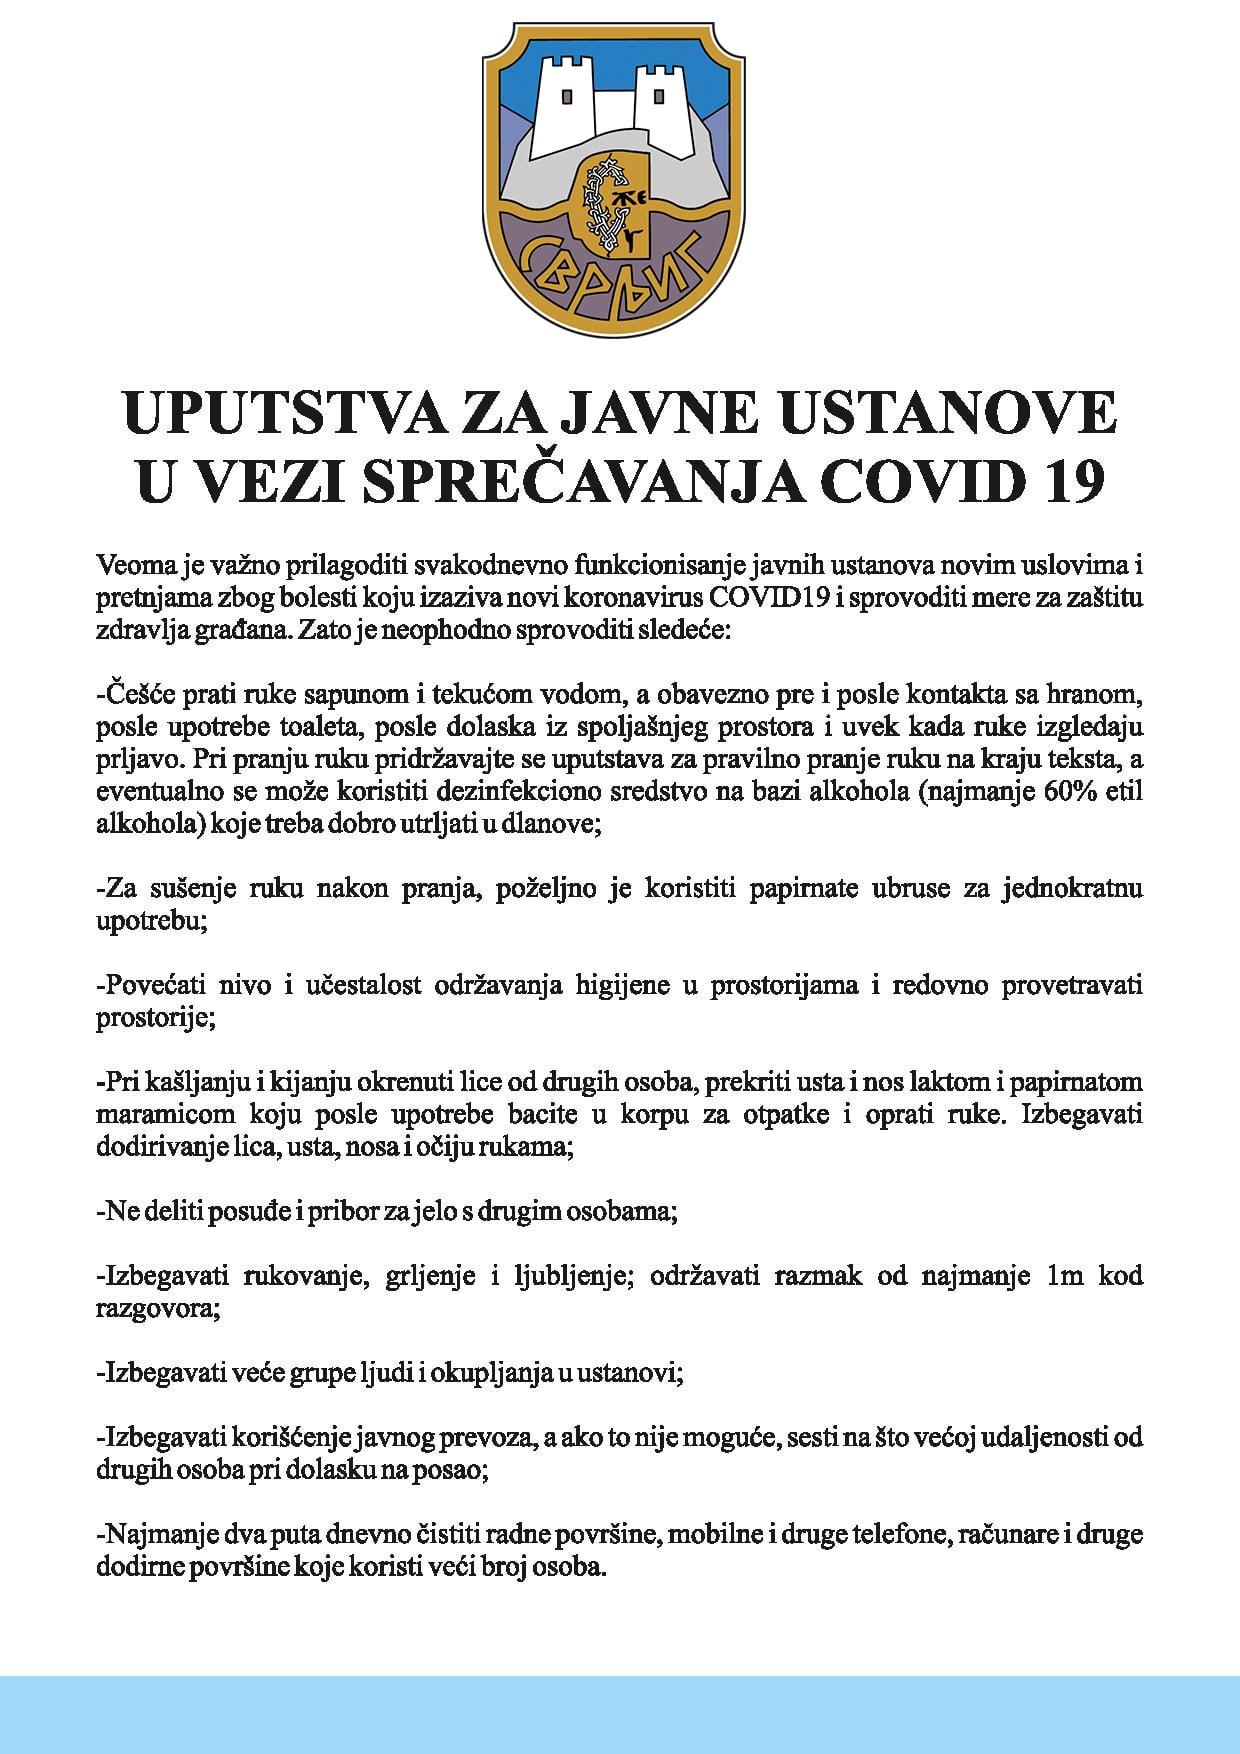 Opština Svrljig izdala uputstva za javne ustanove u vezi sprečavanja COVID 19 2